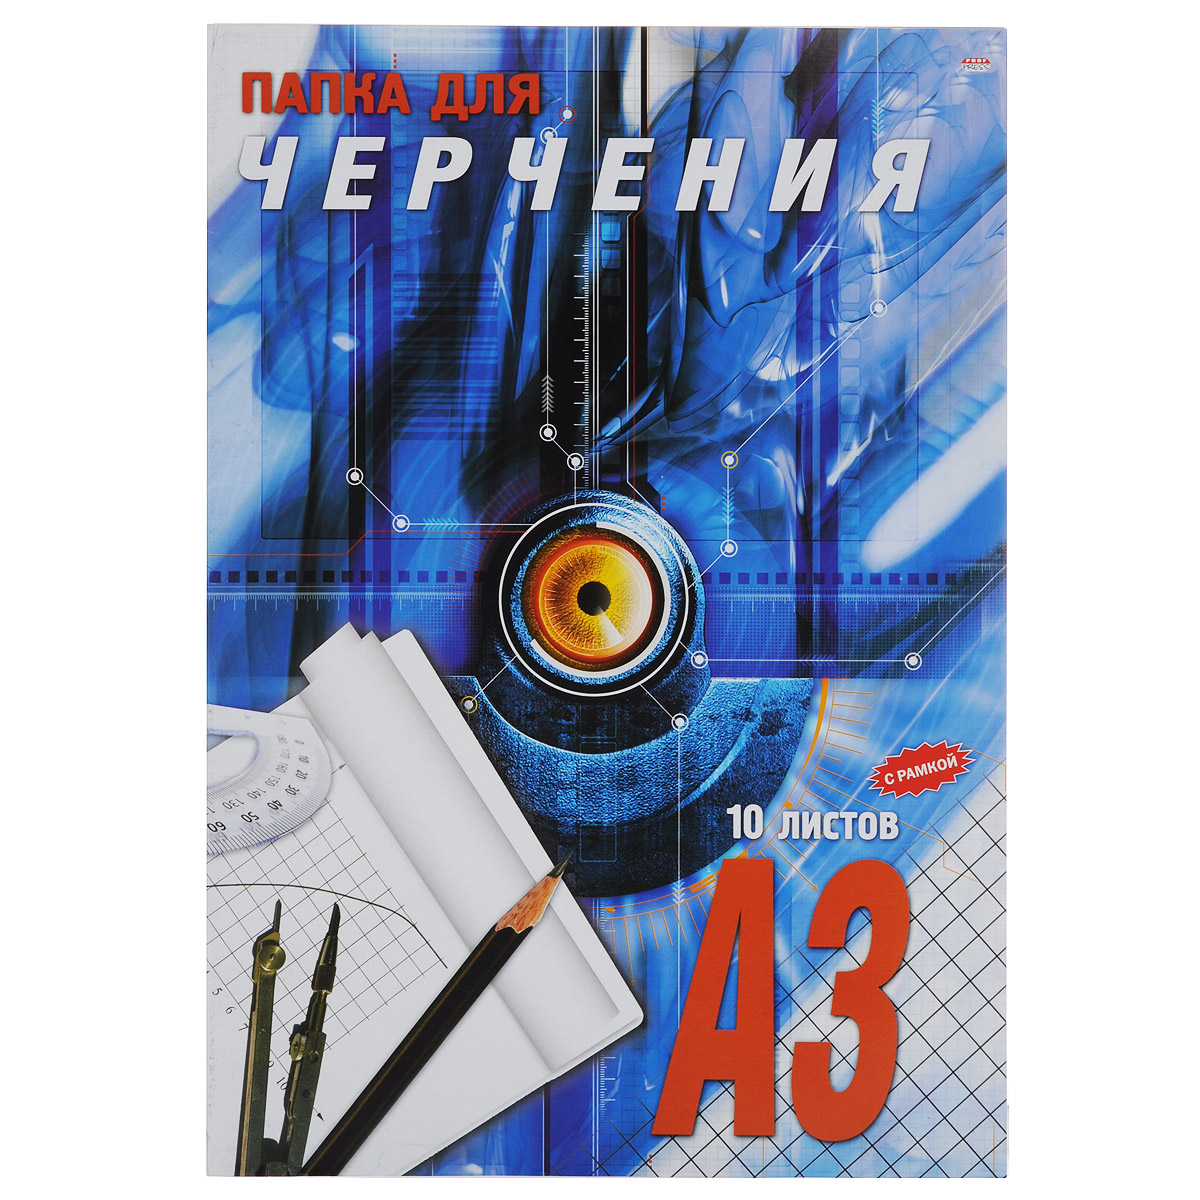 Папка для черчения Prof Press, формат А3, 10 листов482439Папка для черчения Prof Press включает 10 листов белого цвета формата А3. Бумага предназначена для черчения, оснащена вертикальной рамкой. Цветная обложка.